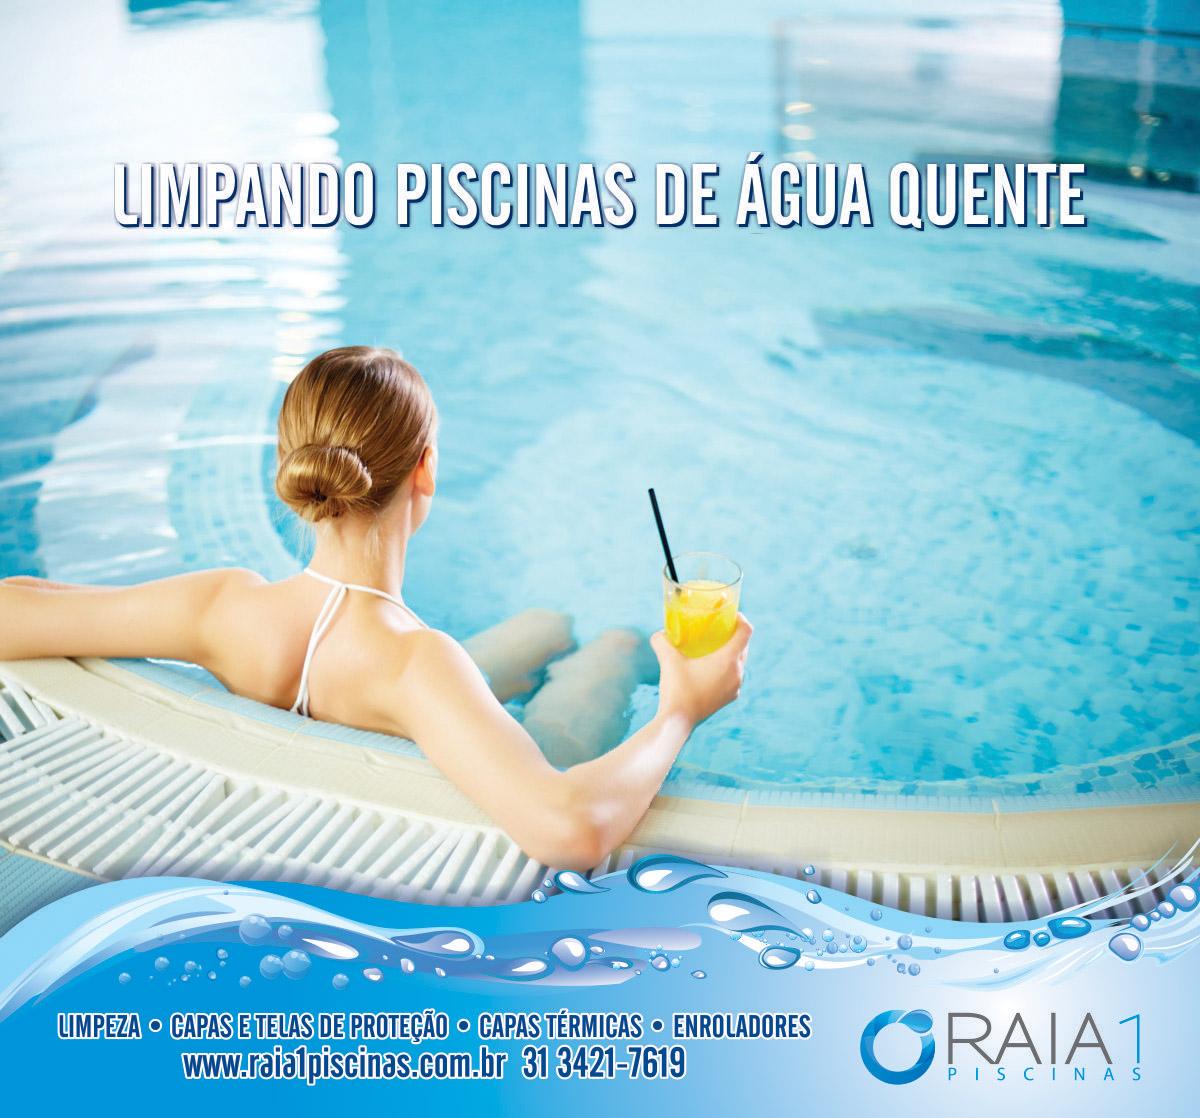 Limpando piscinas de gua quente raia1 piscinas for Piscina de agua